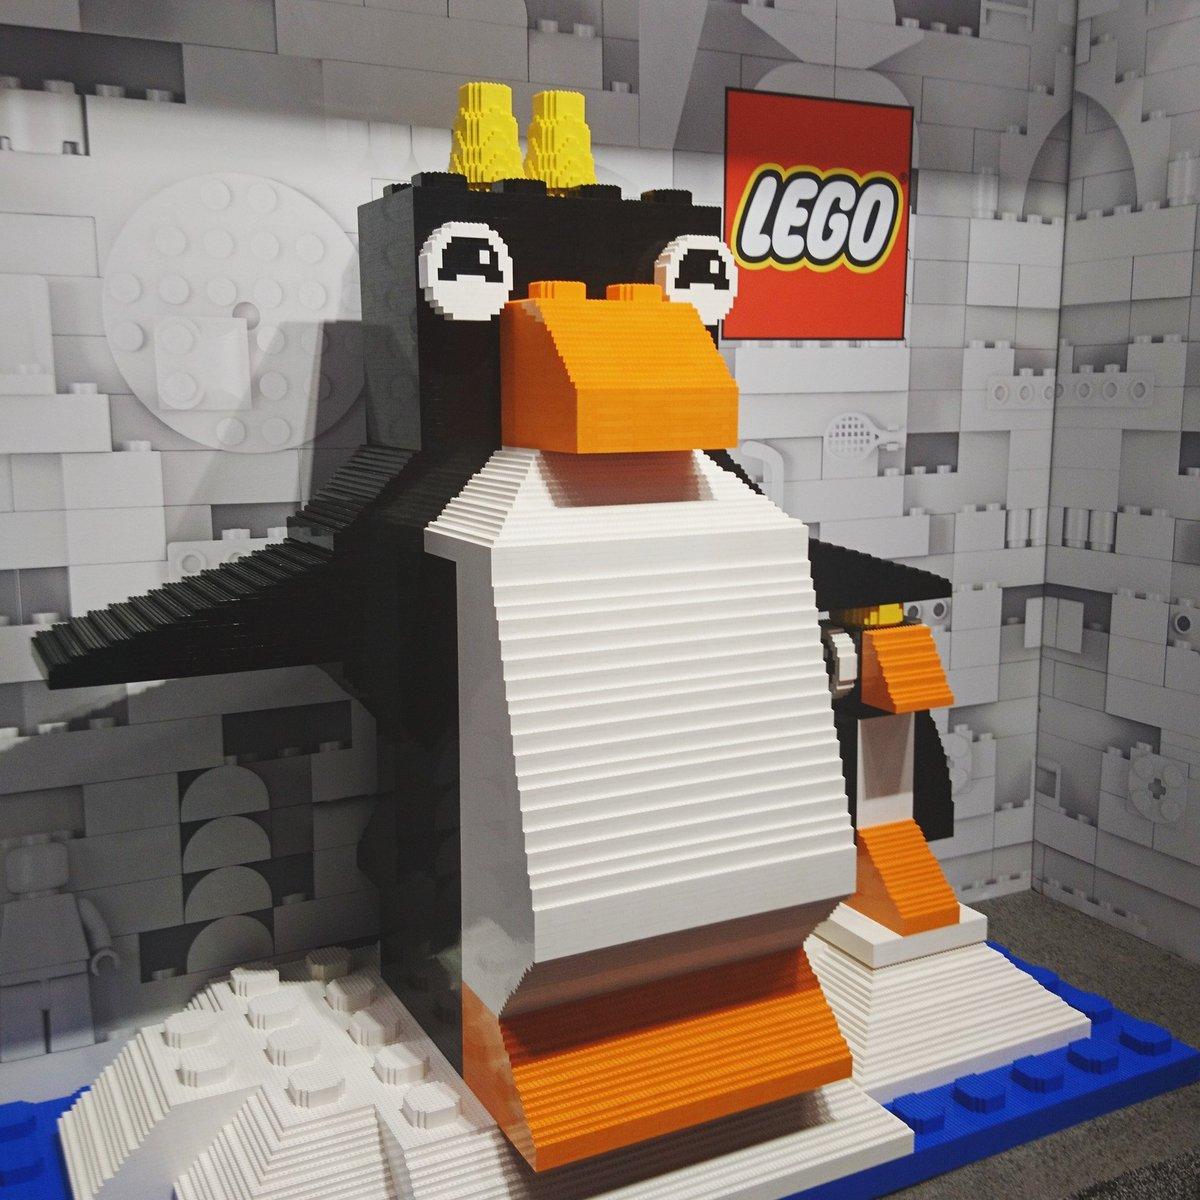 Was man aus #lego so alles bauen kann, zeigt eindrucksvoll dieser süße Pinguin auf der @ToyFairNY. #TFNYpic.twitter.com/kGkDvGfTND